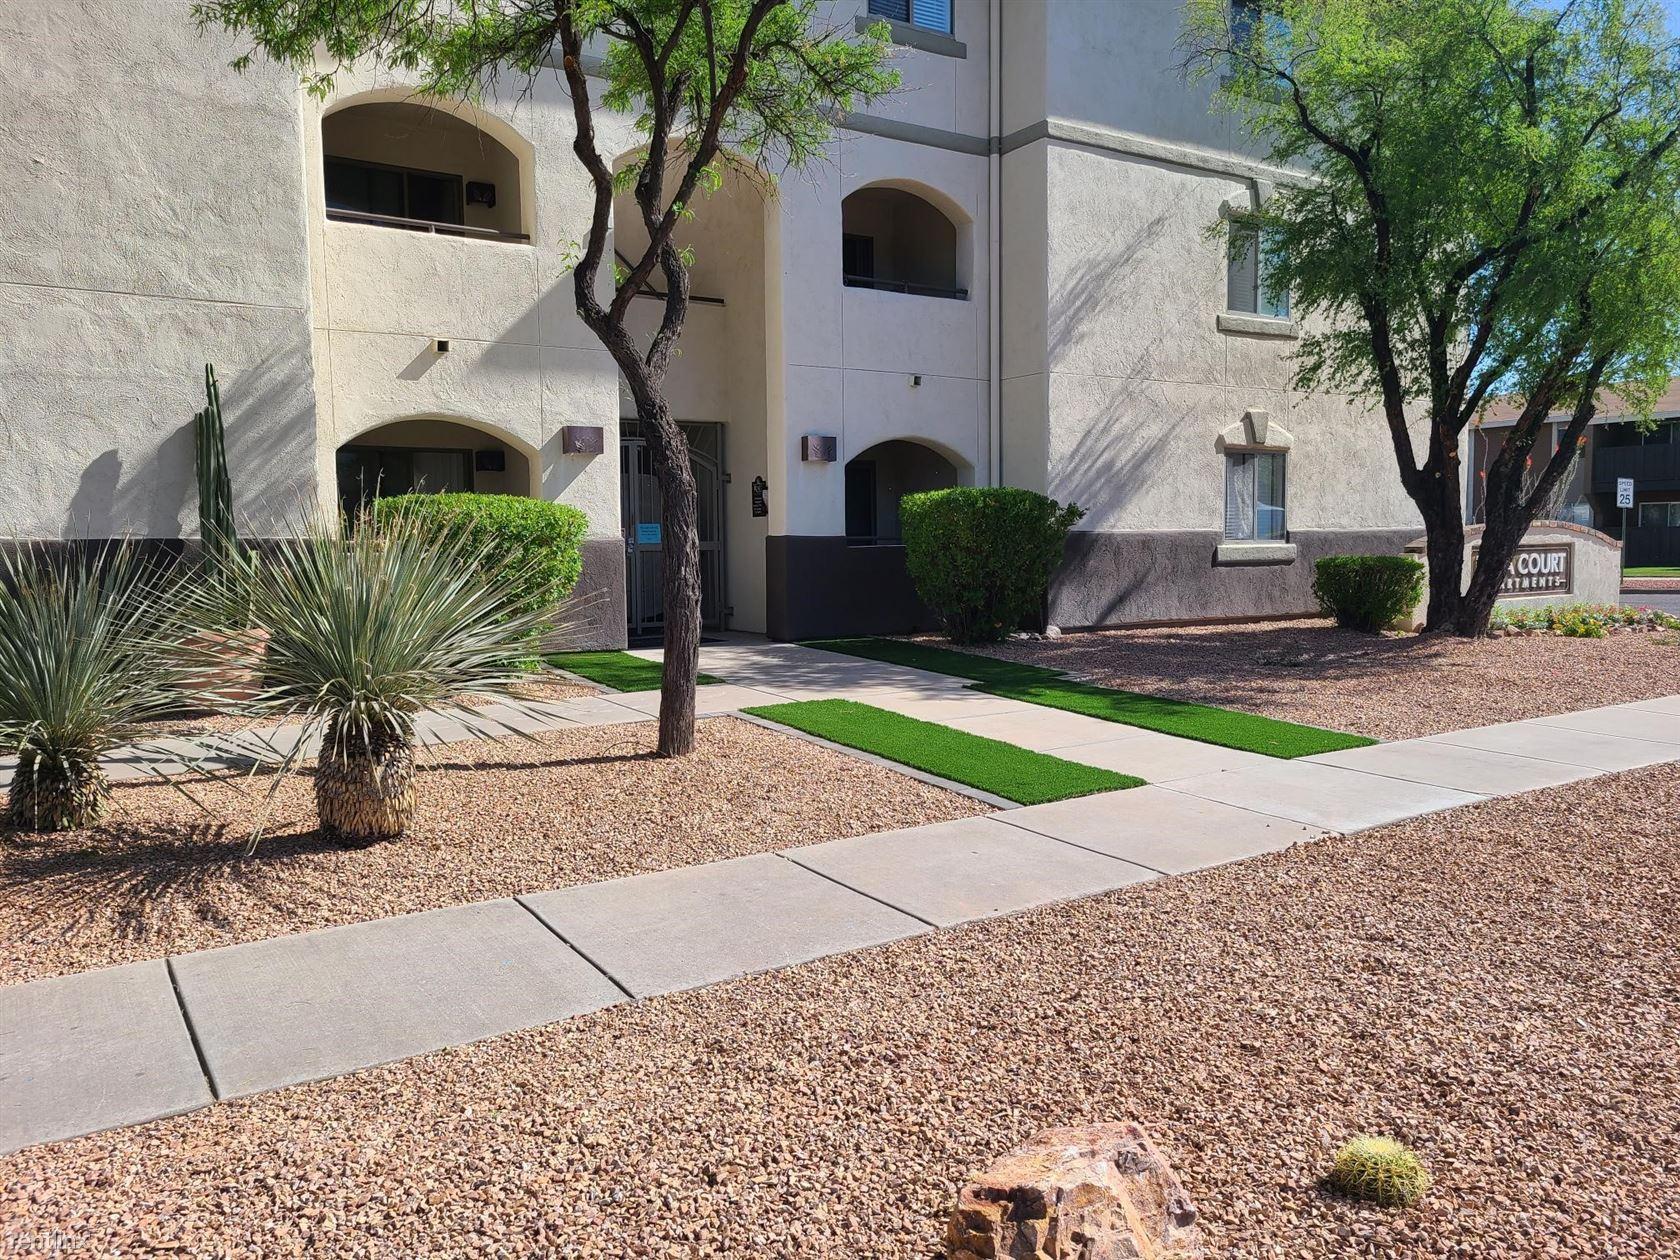 2875 E 6th St, Tucson, AZ - 575 USD/ month